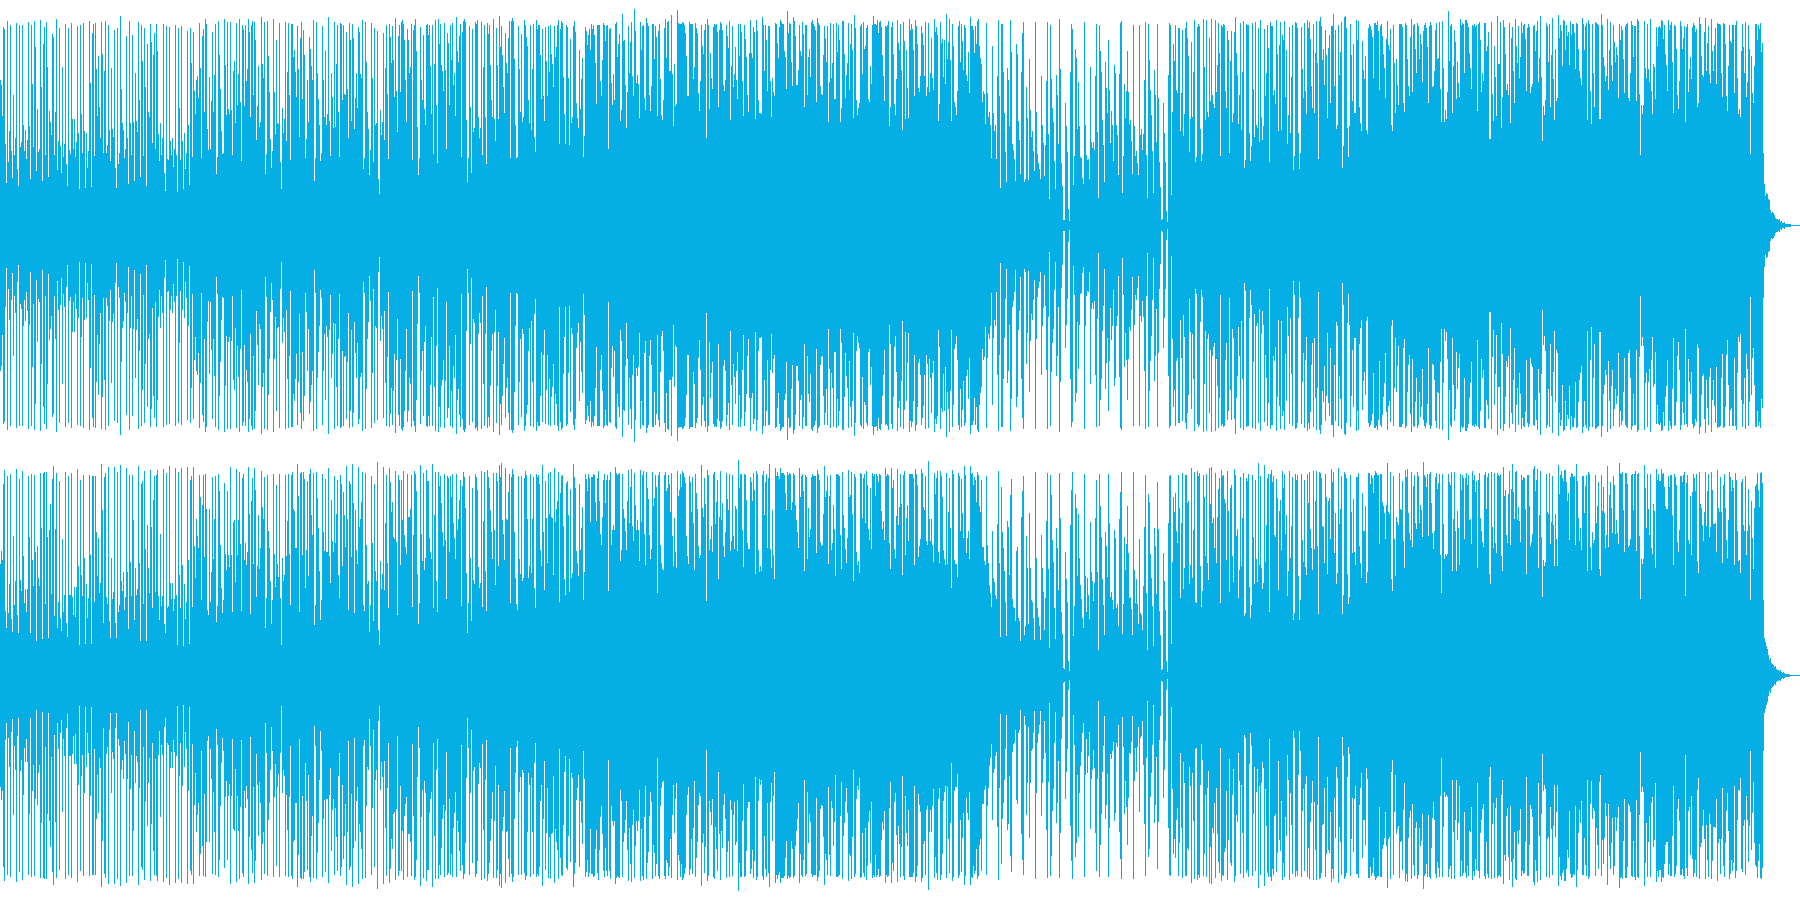 キラキラ/ハウス_No484_1の再生済みの波形